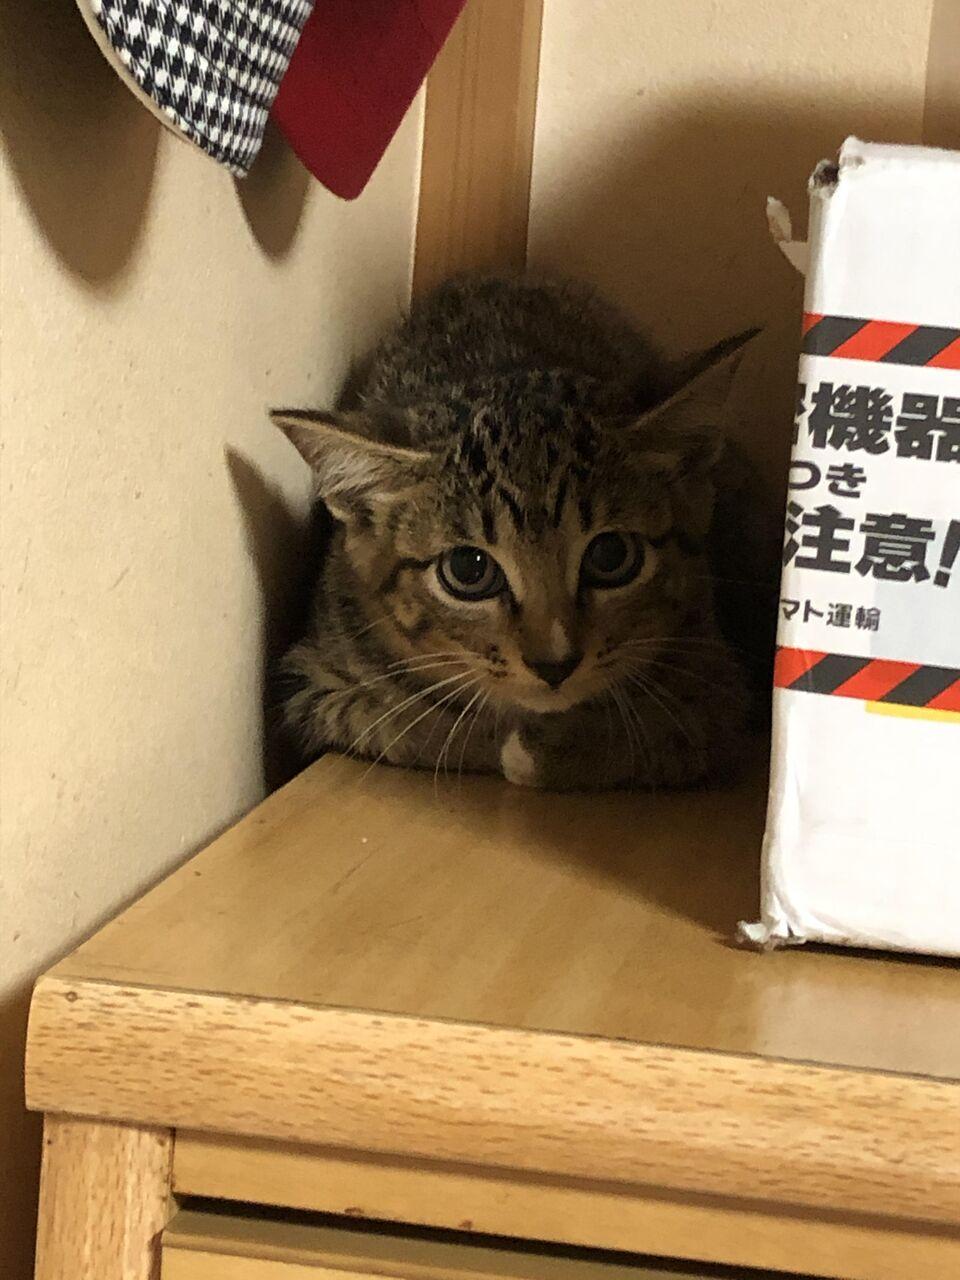 【朗報】最もかわいい猫の柄、「キジトラ」に決まるwwwww